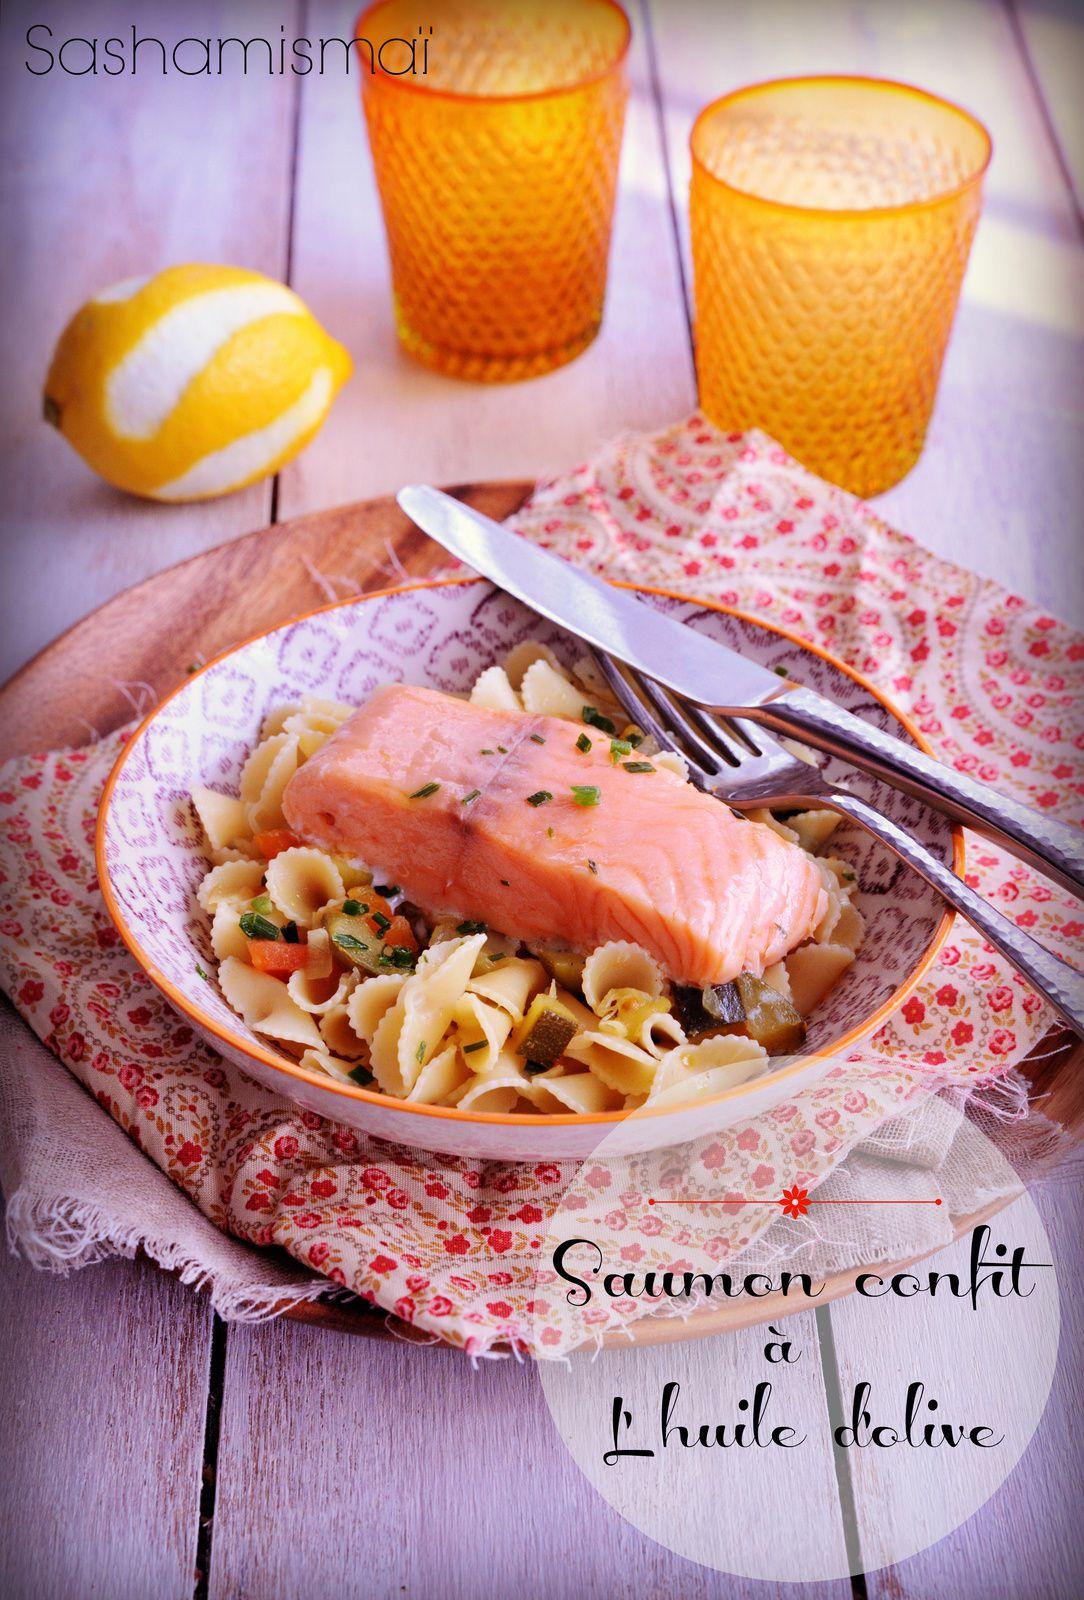 Saumon confit à l'huile d'olive façon Top chef